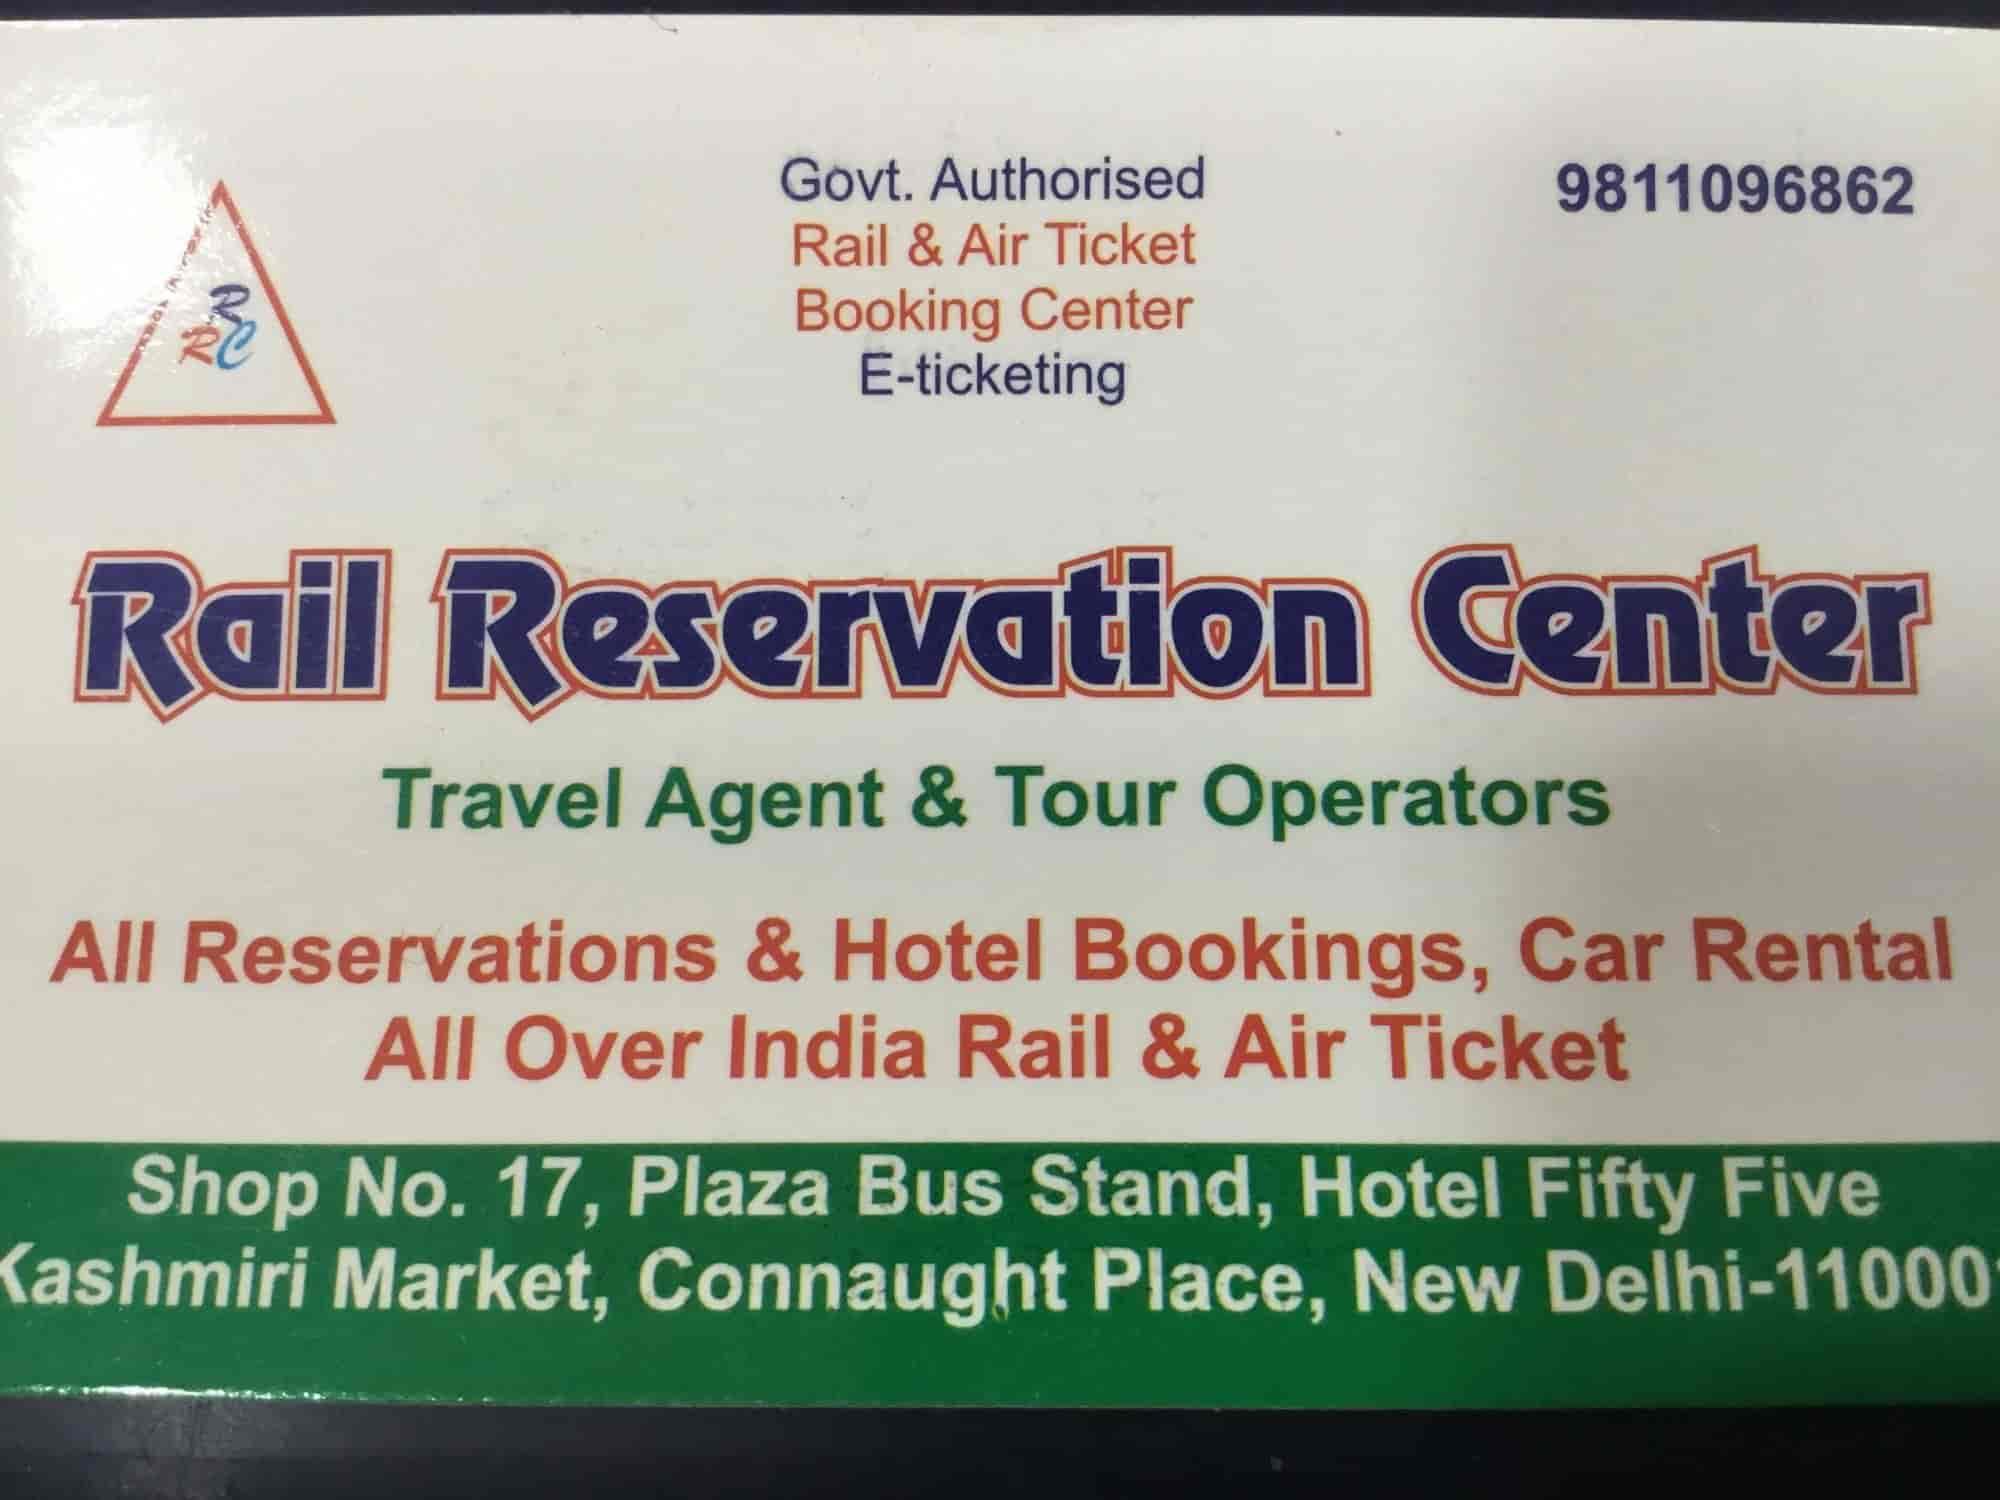 Pacific Travels New Delhi